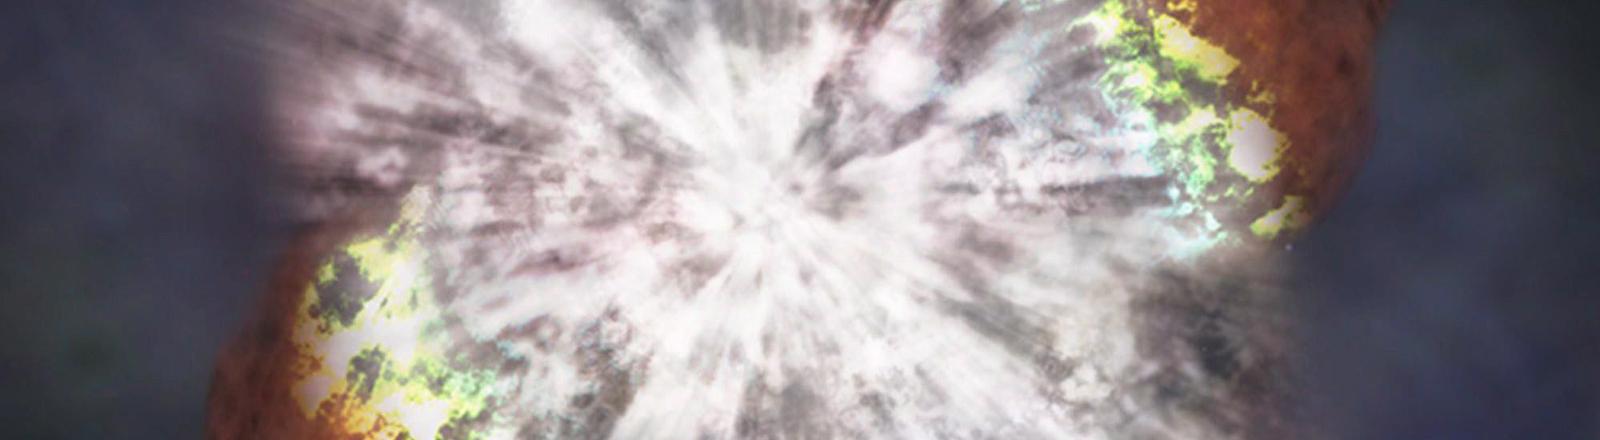 Darstellung der Supernova SN 2006gy